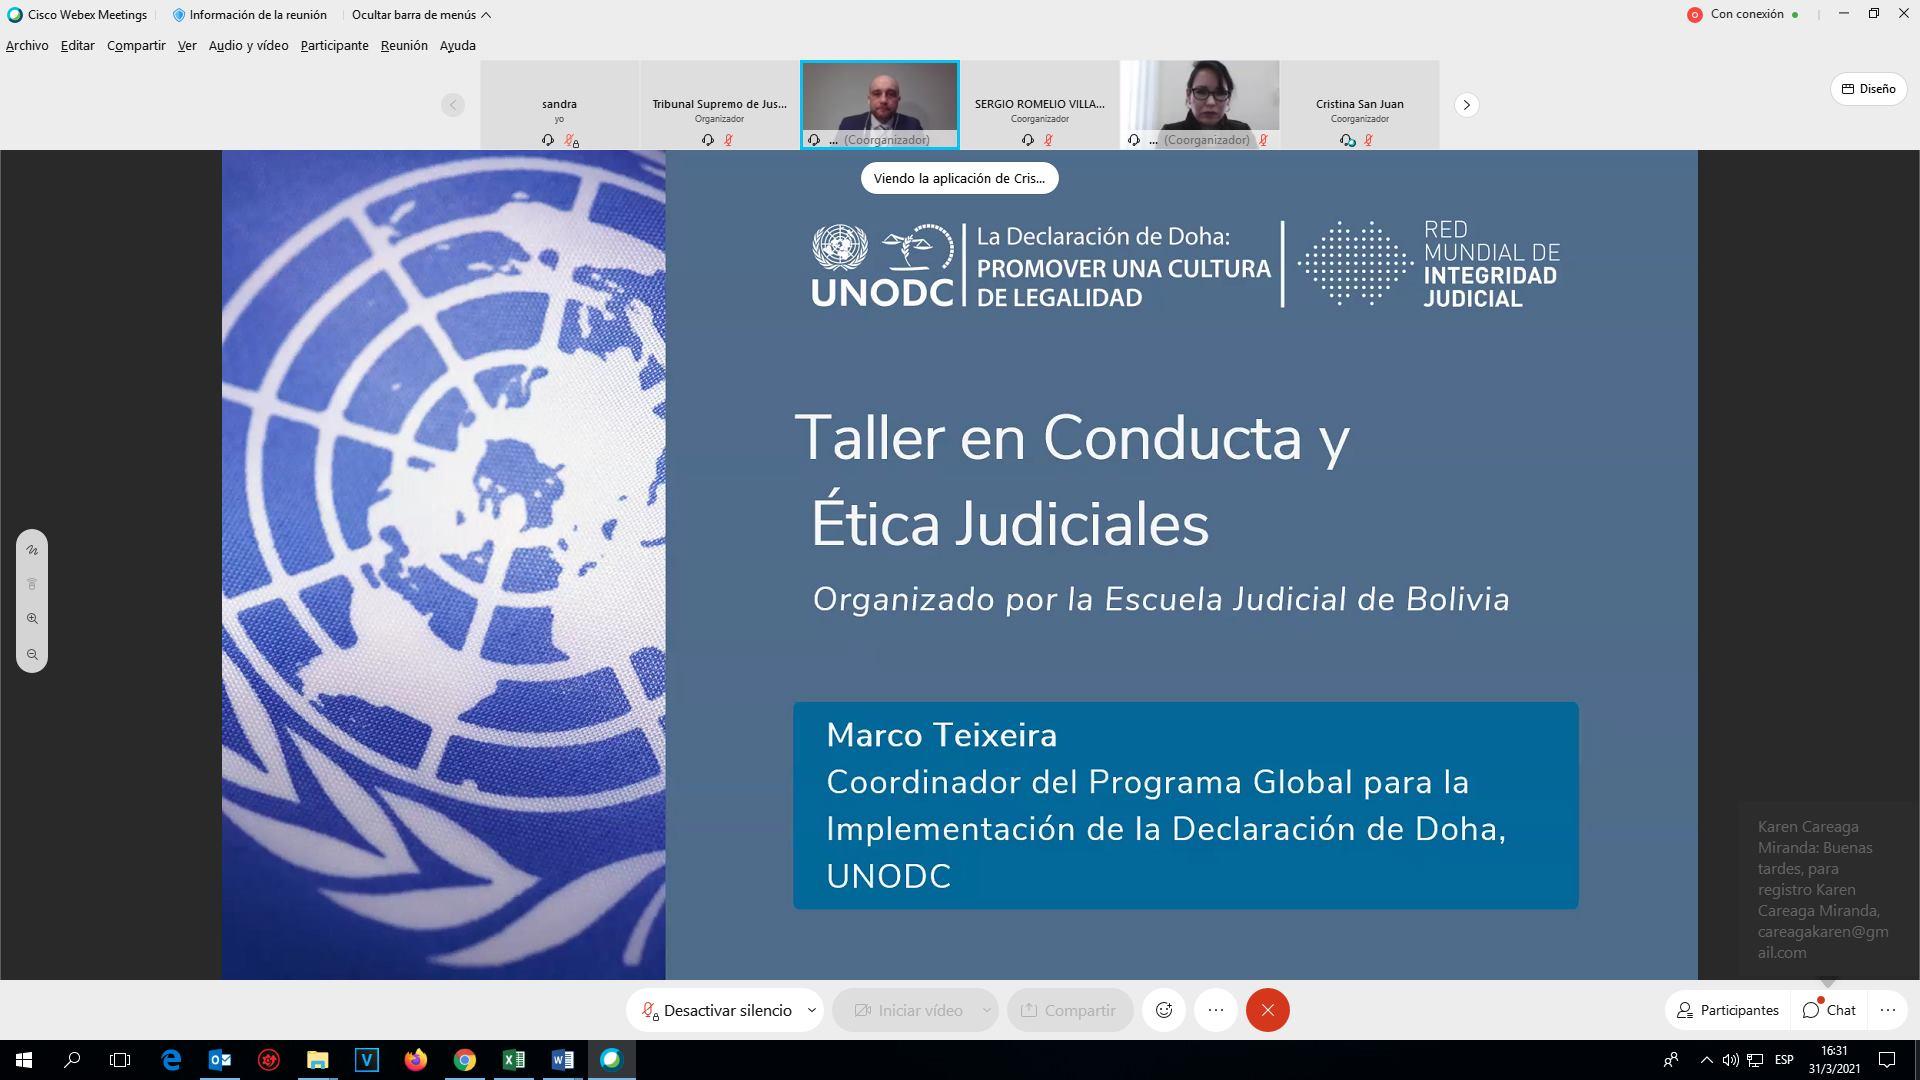 EJE Y UNODC DESARROLLAN CURSO SOBRE ÉTICA JUDICIAL